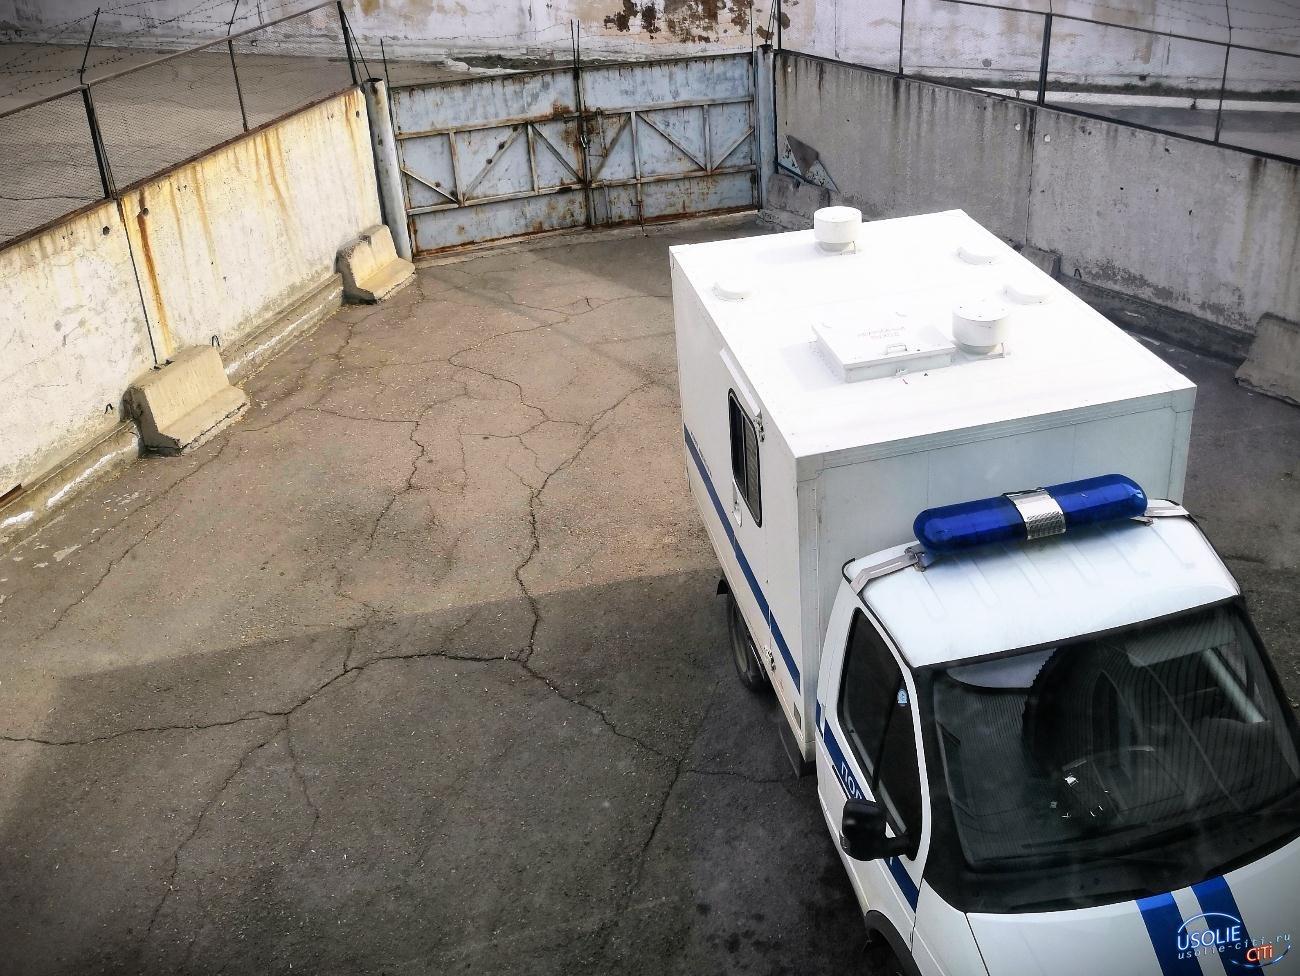 Пятеро жителей Усолья на иркутском пустыре до смерти избили мужчину